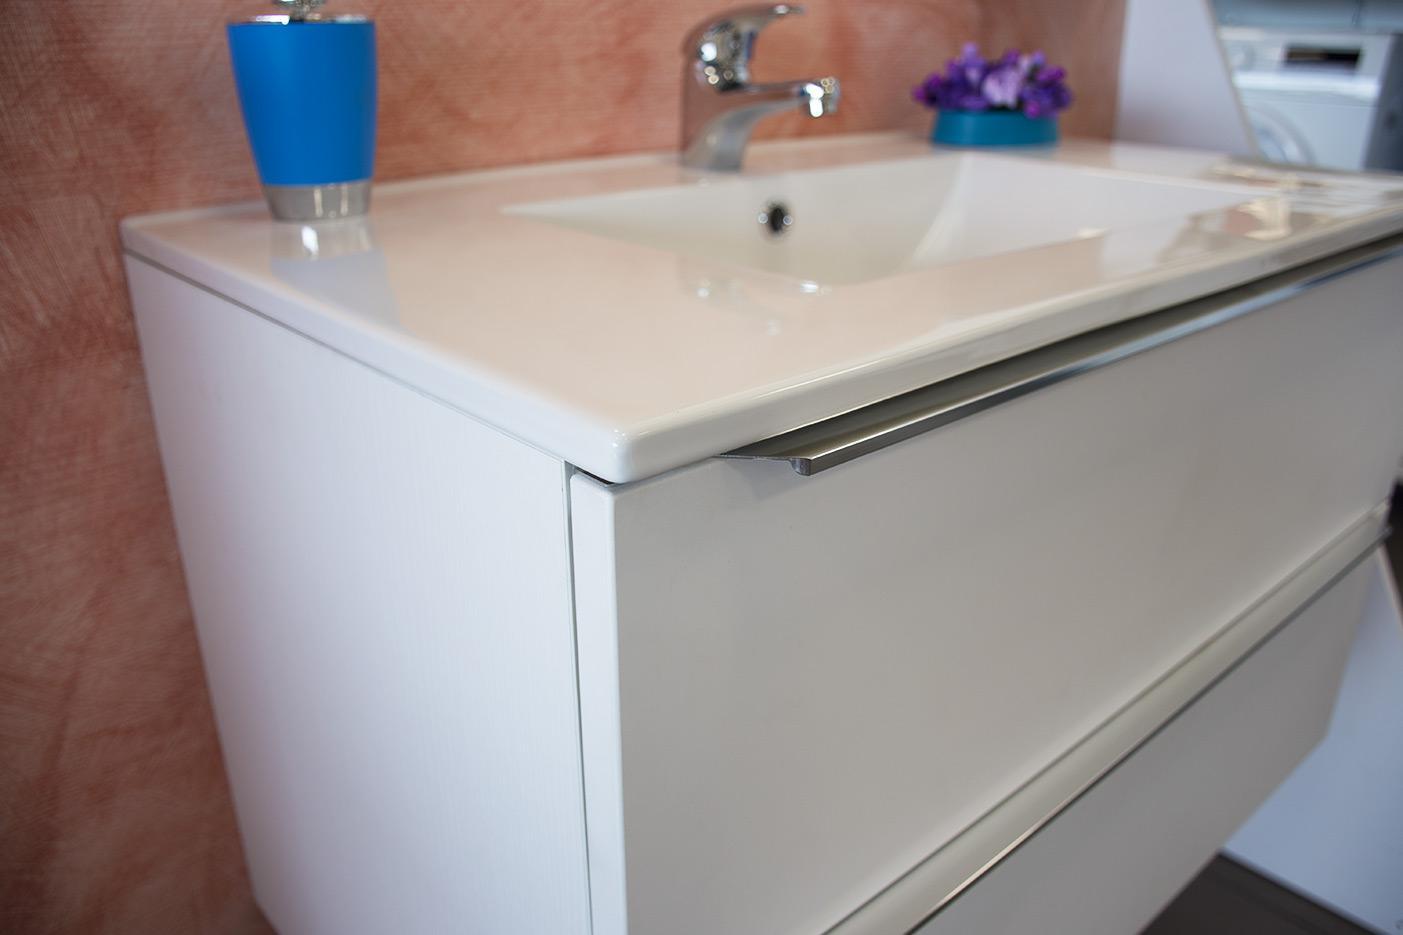 Mobile bagno 2 cassetti bianco lucido da 80 cm con lavabo in ceramica